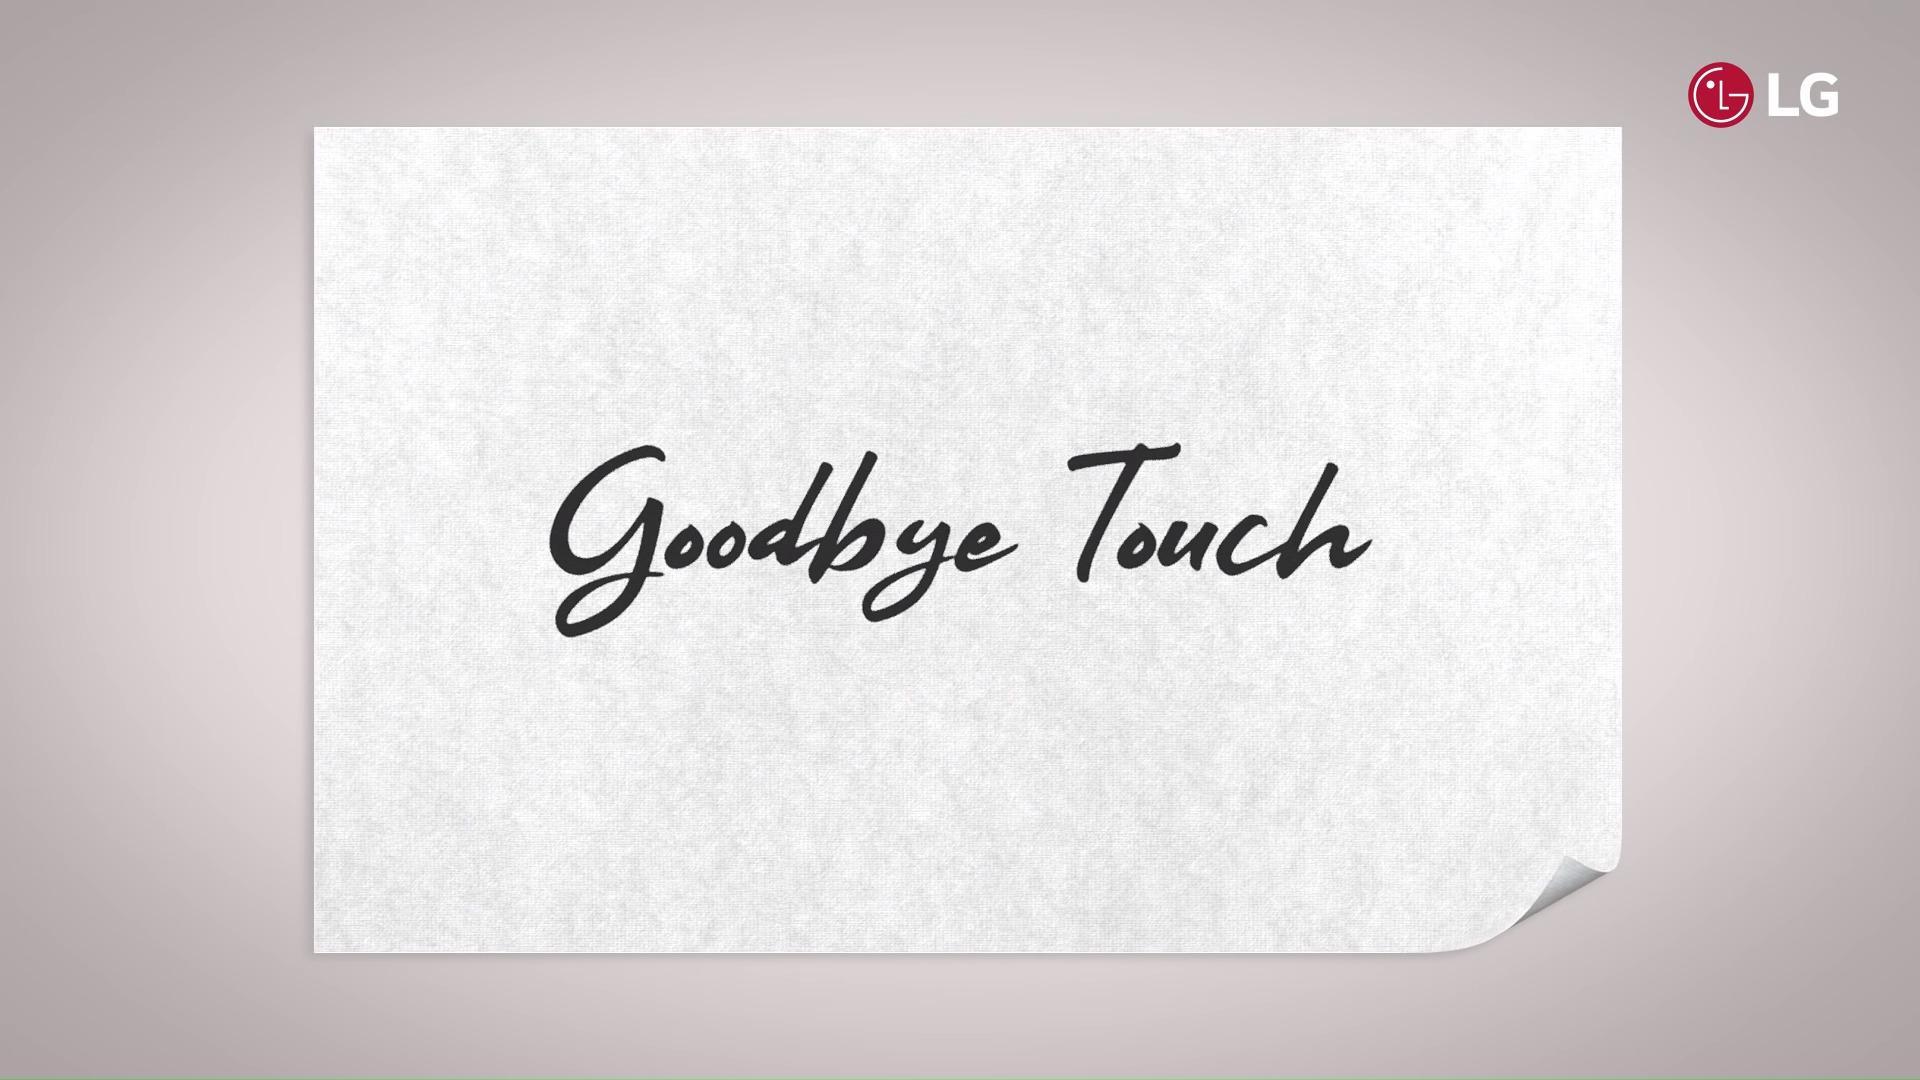 Une navigation par gestes sans toucher l'écran : c'est la démo que promet LG au MWC 2019